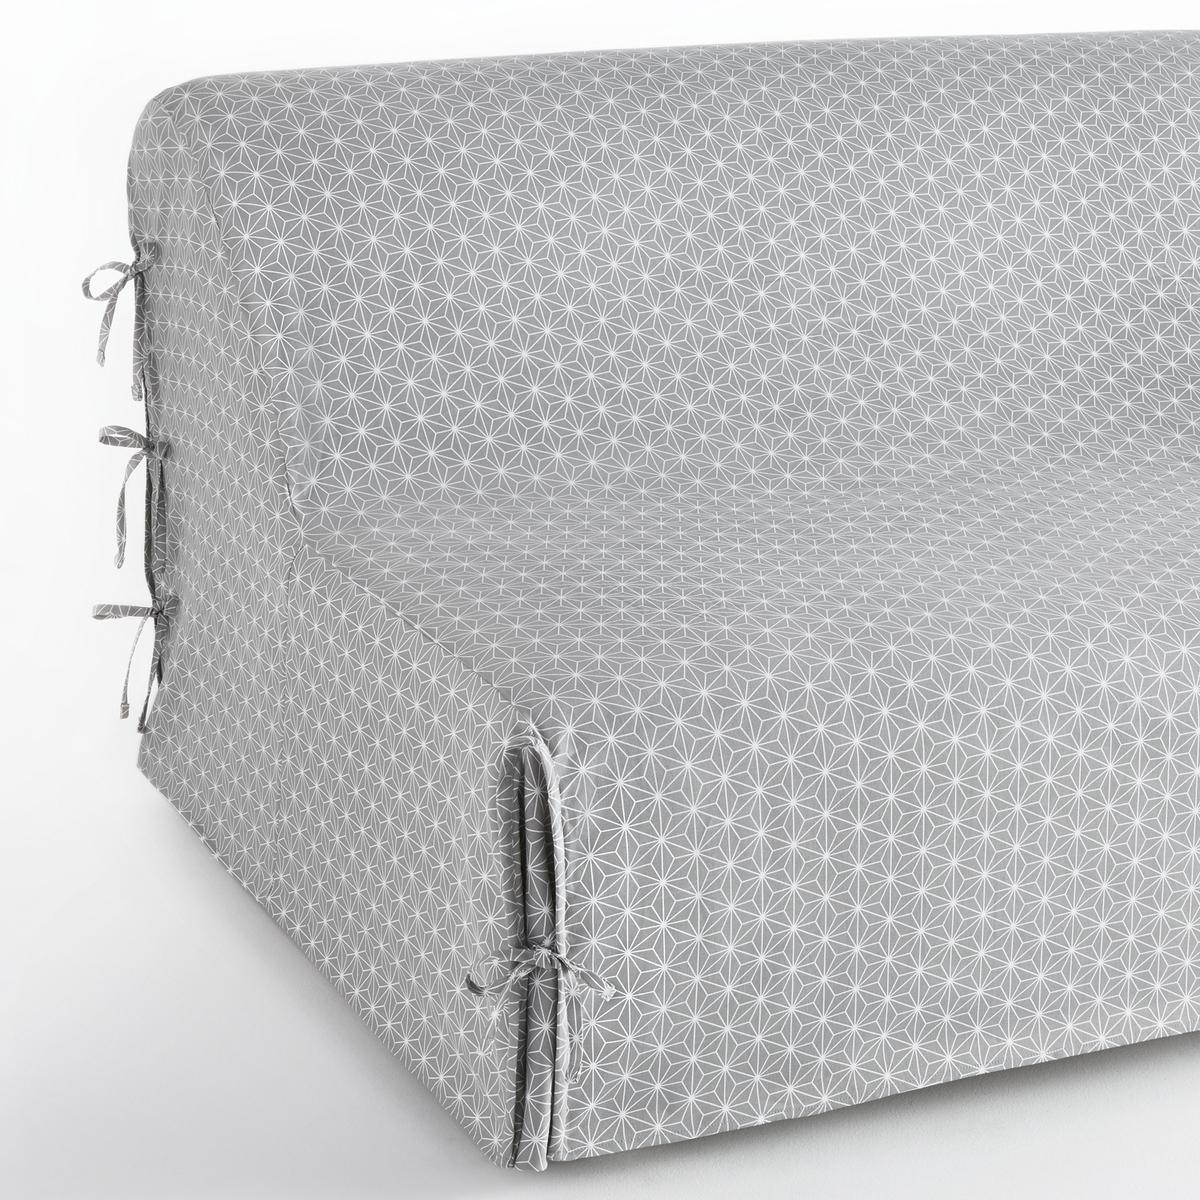 Чехол La Redoute Для раскладного дивана LOZANGE 140 см серый